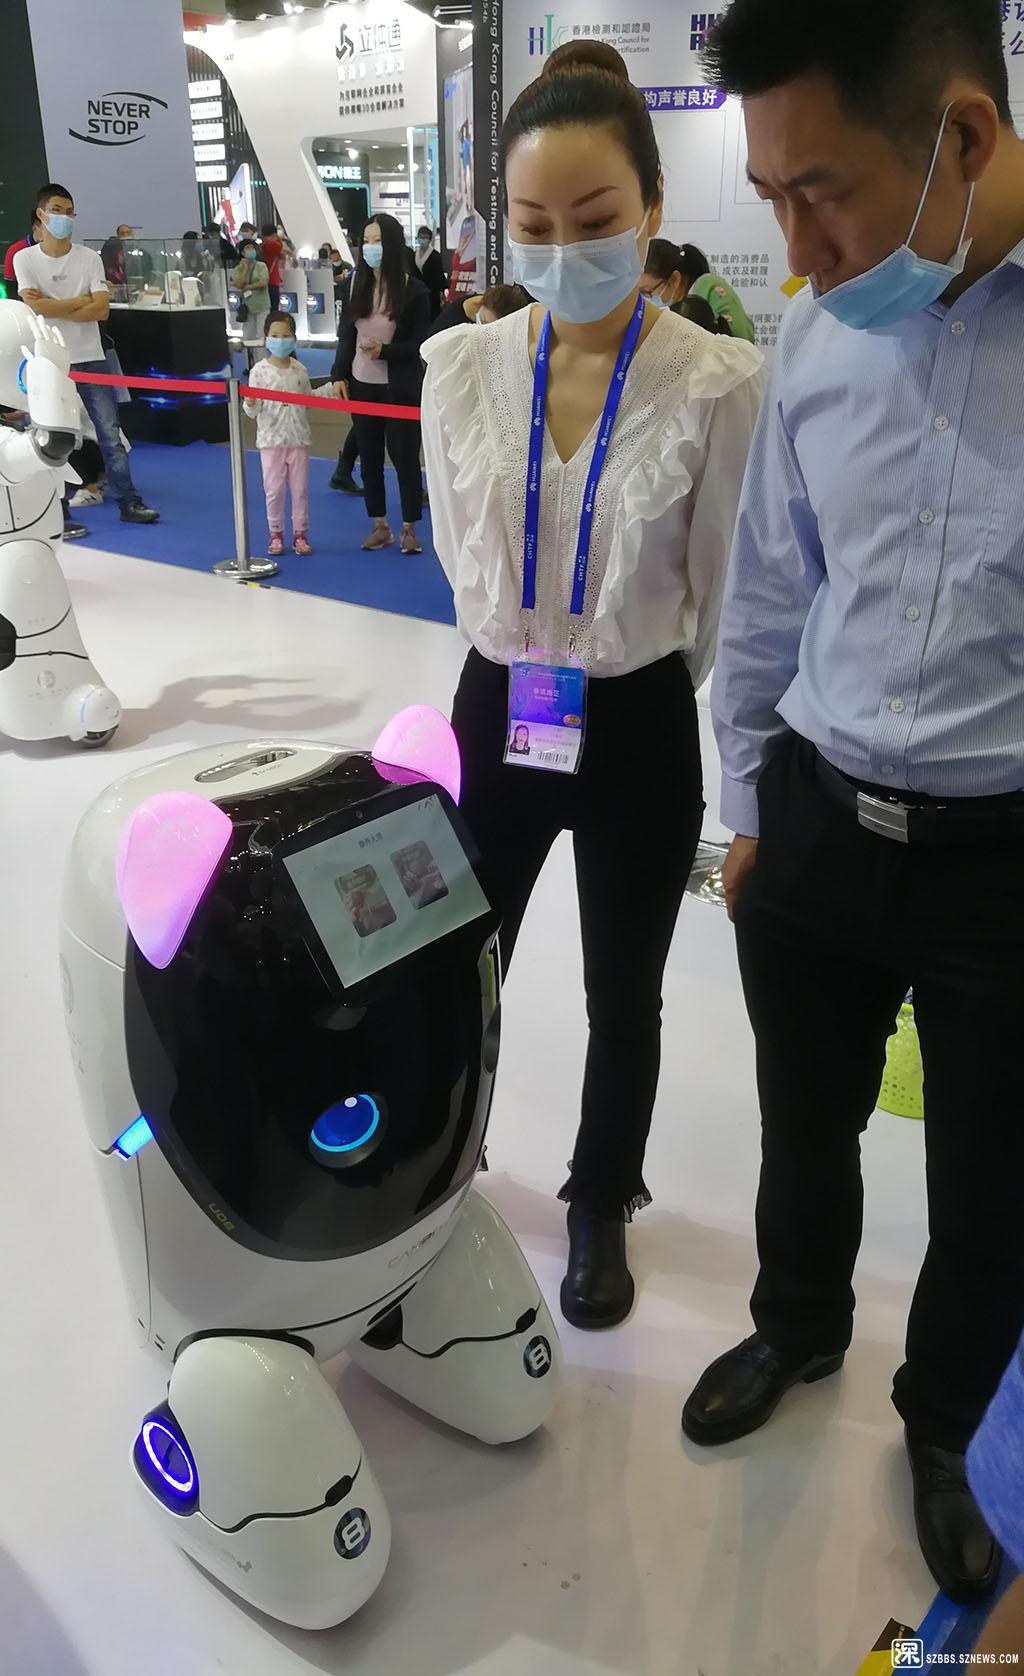 7IMG_20201115_103942做饭机器人.jpg